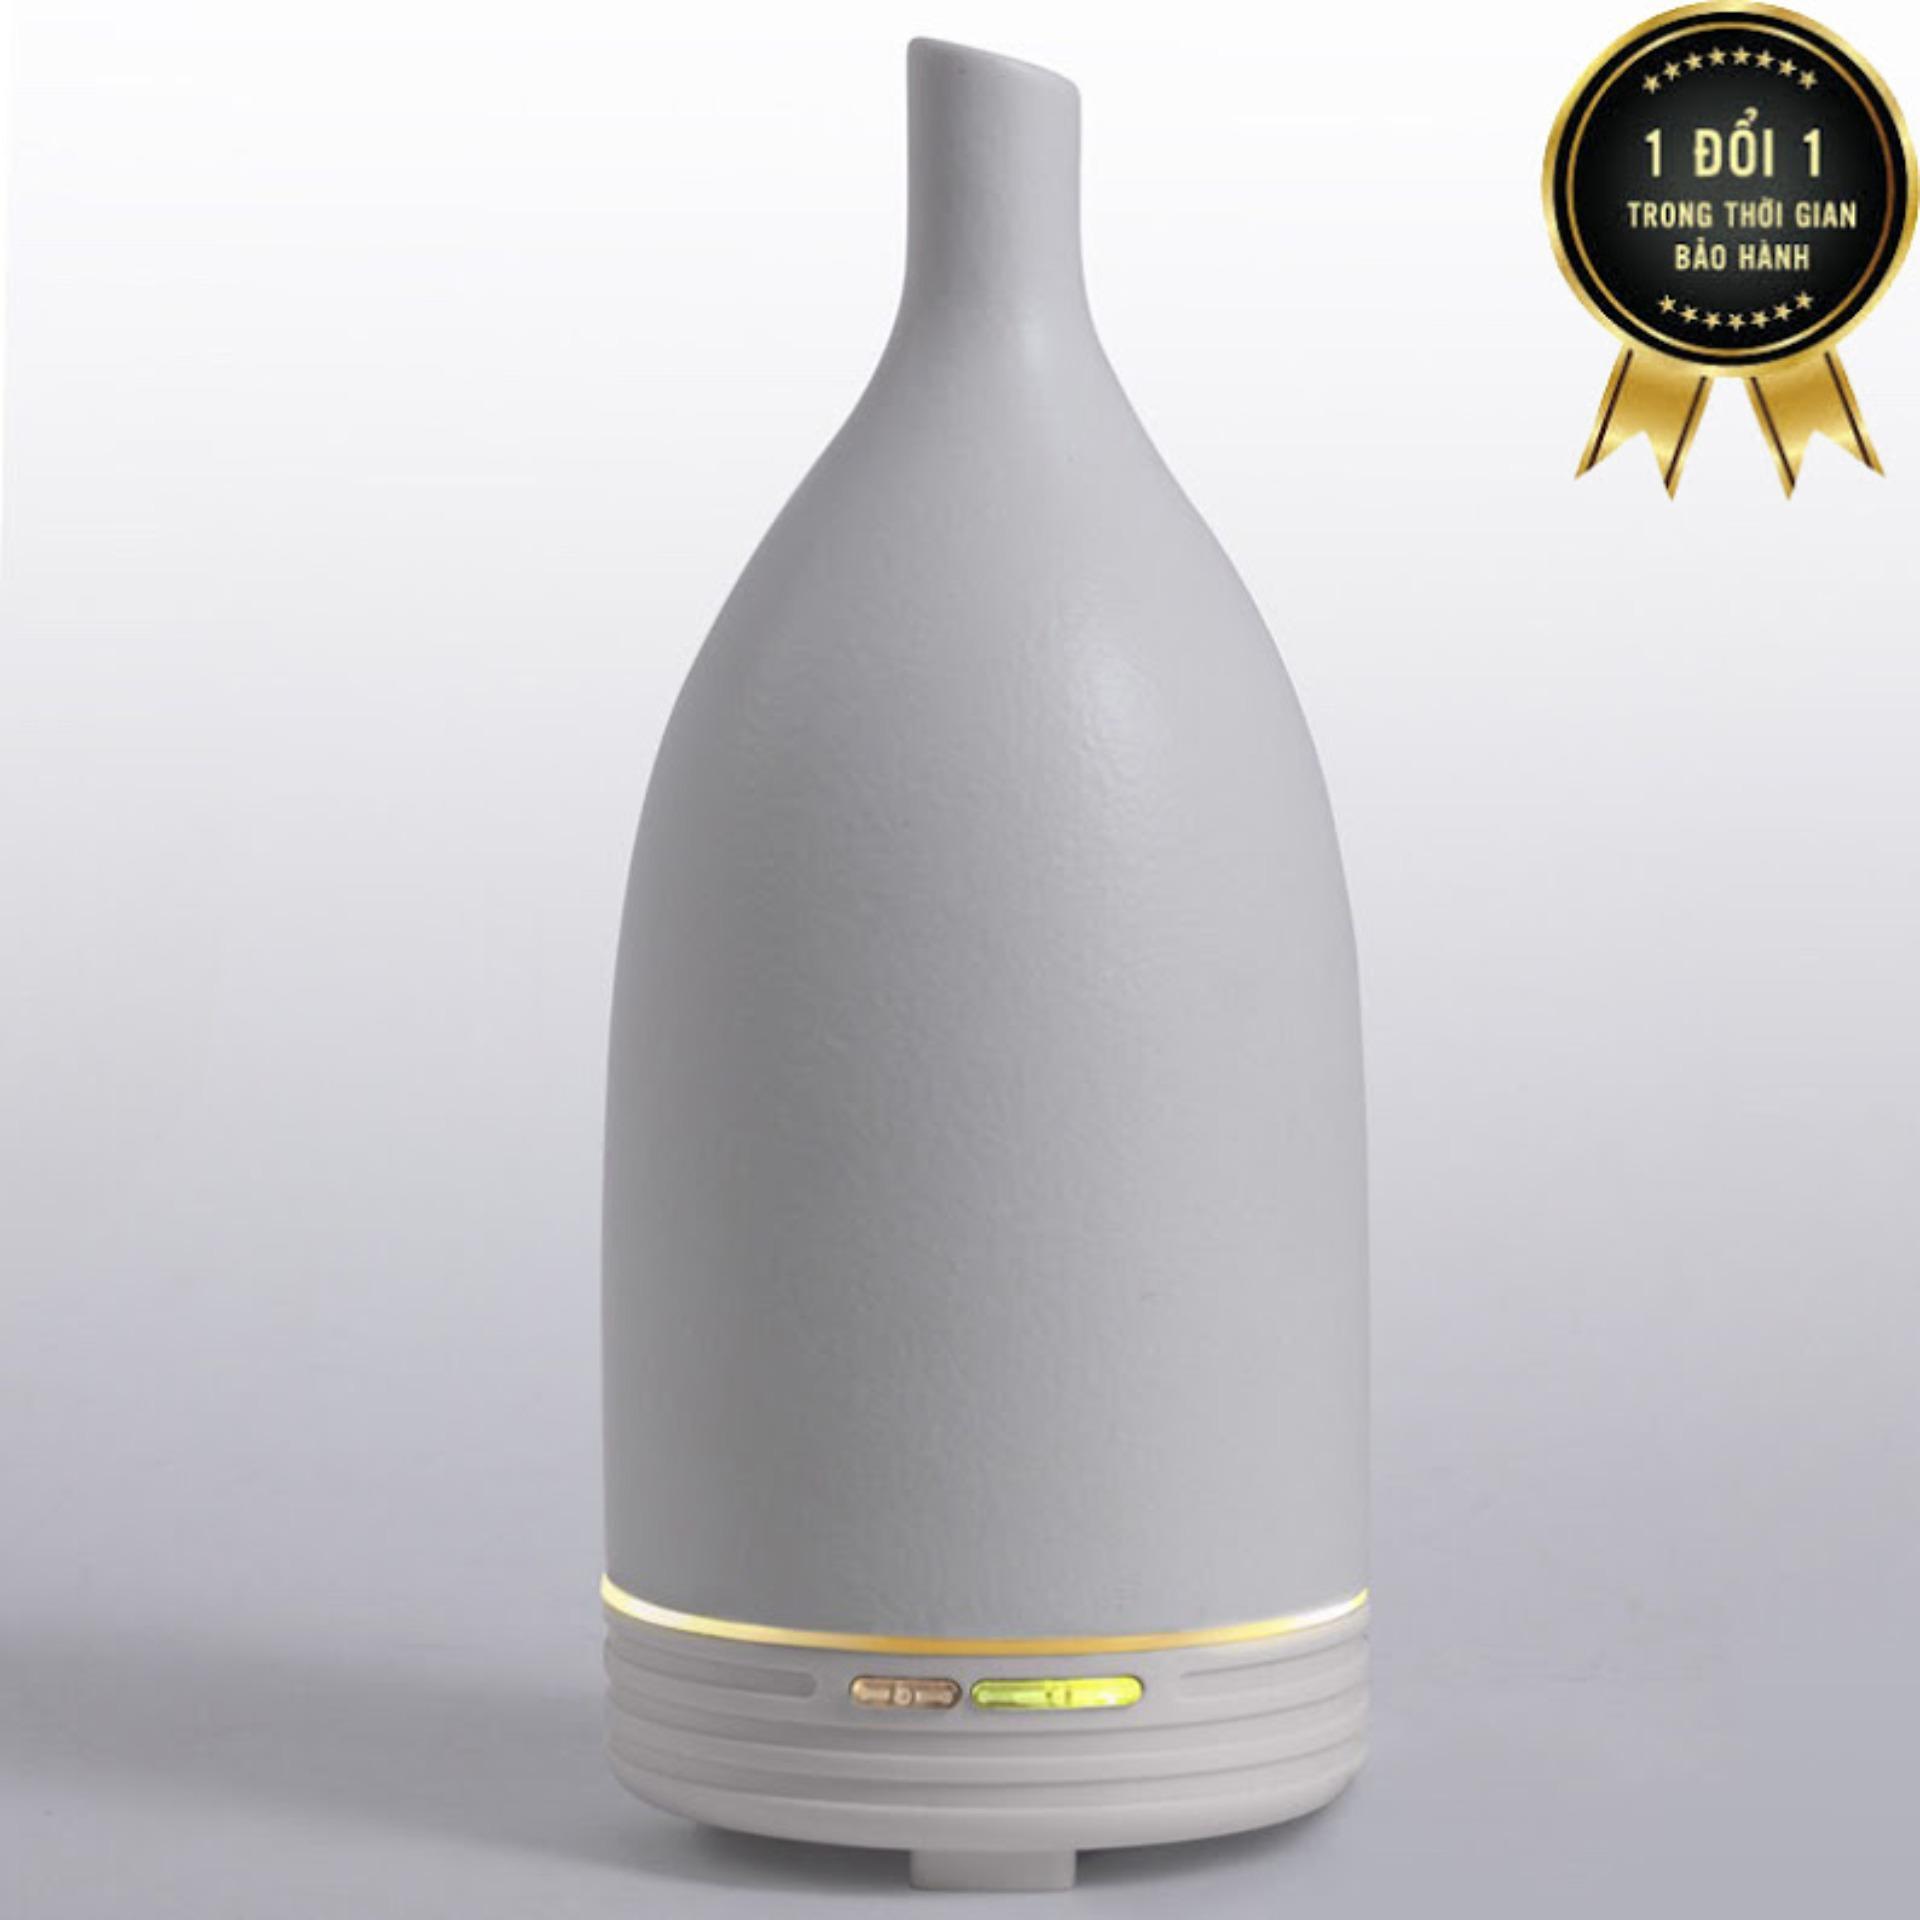 Hình ảnh Máy khuếch tán tinh dầu gốm trắng cao tặng 10ml tinh dầu bạc hà ngọc tuyết